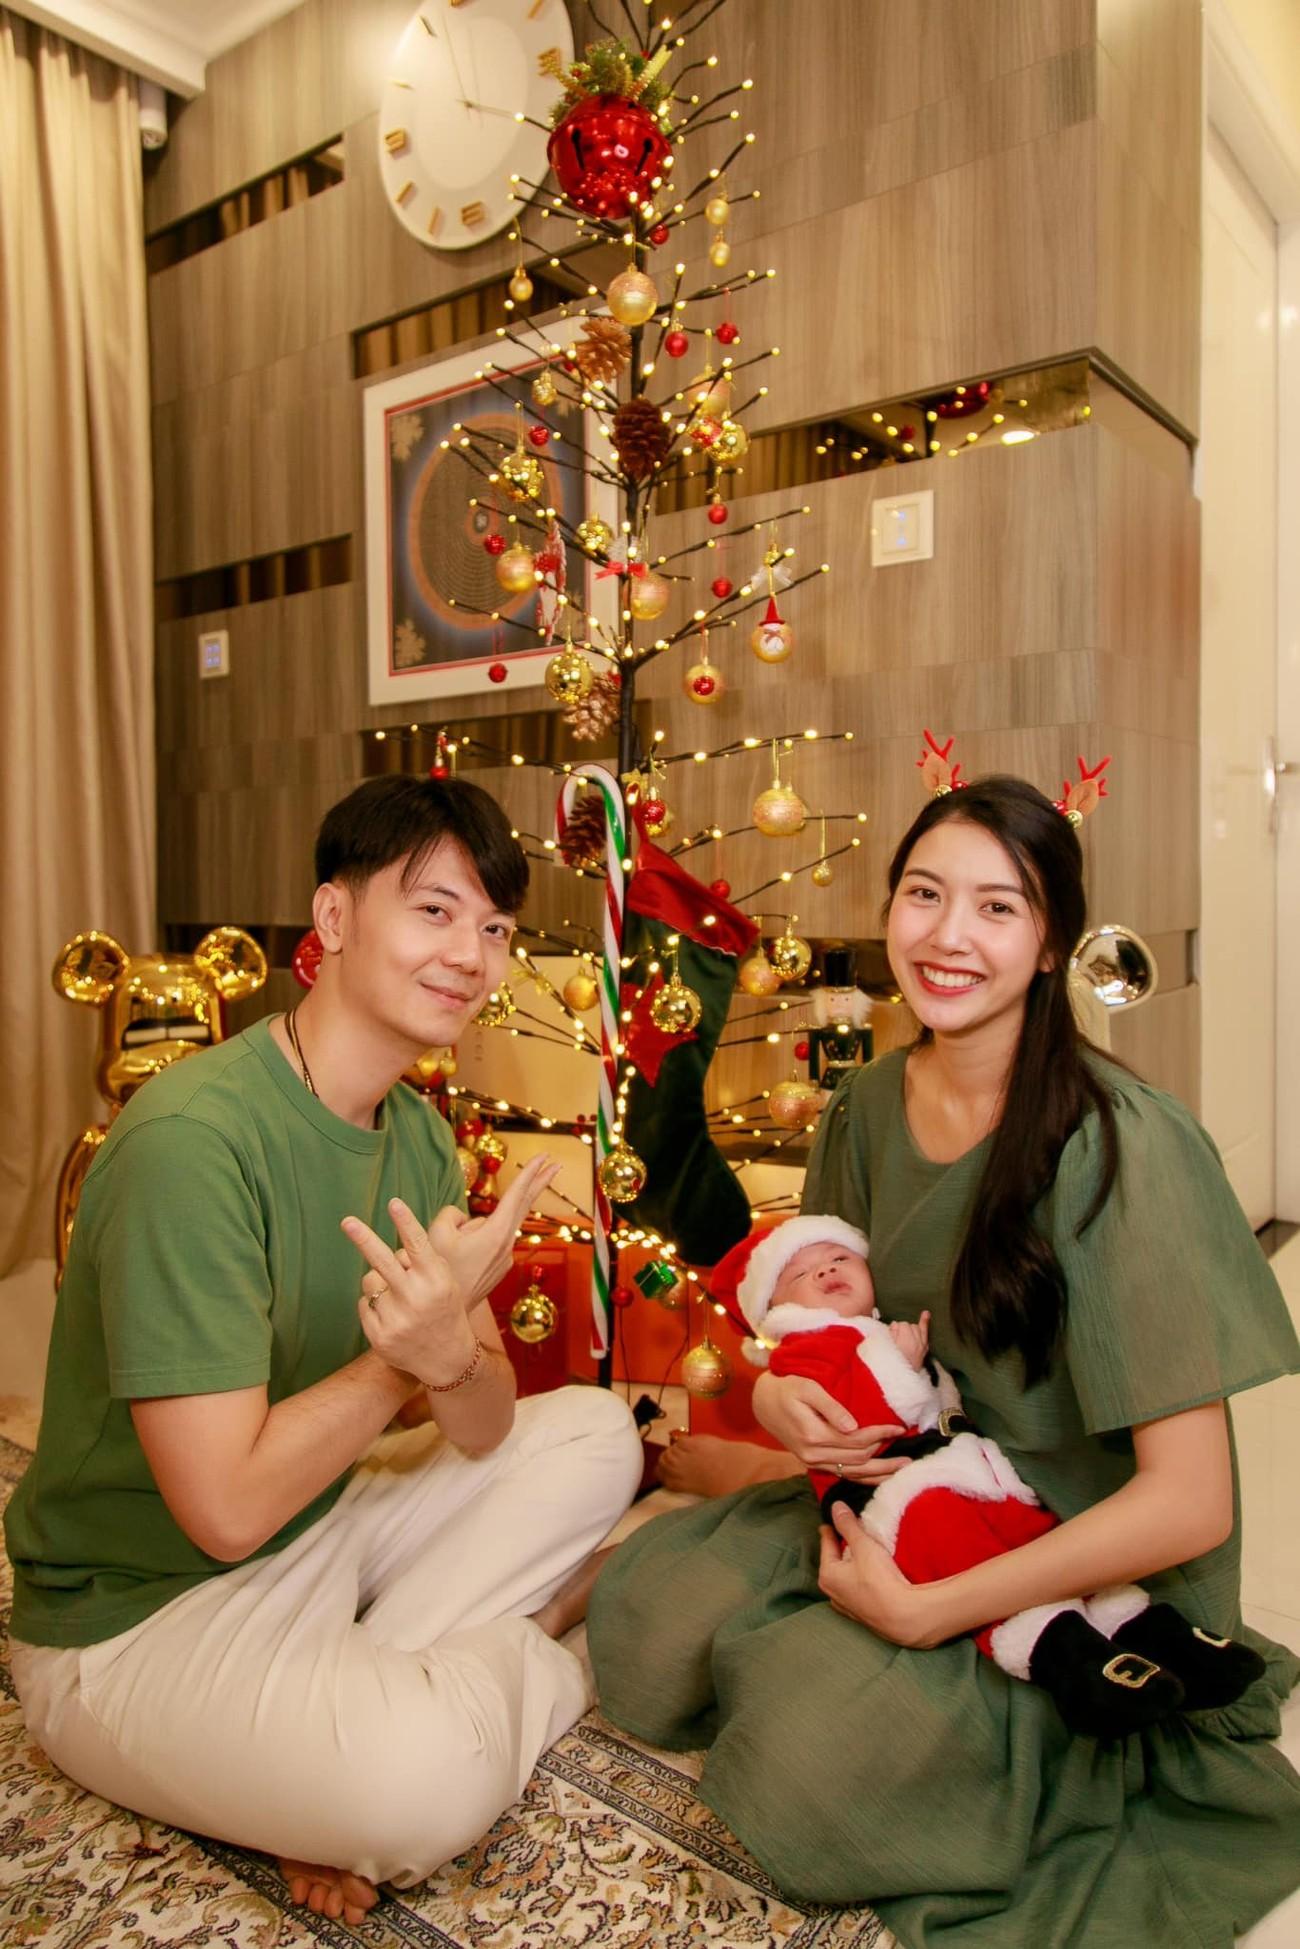 Tiểu Vy, Hà Kiều Anh và dàn hậu diện váy đỏ rực khoe dáng nóng bỏng đêm Giáng Sinh ảnh 18